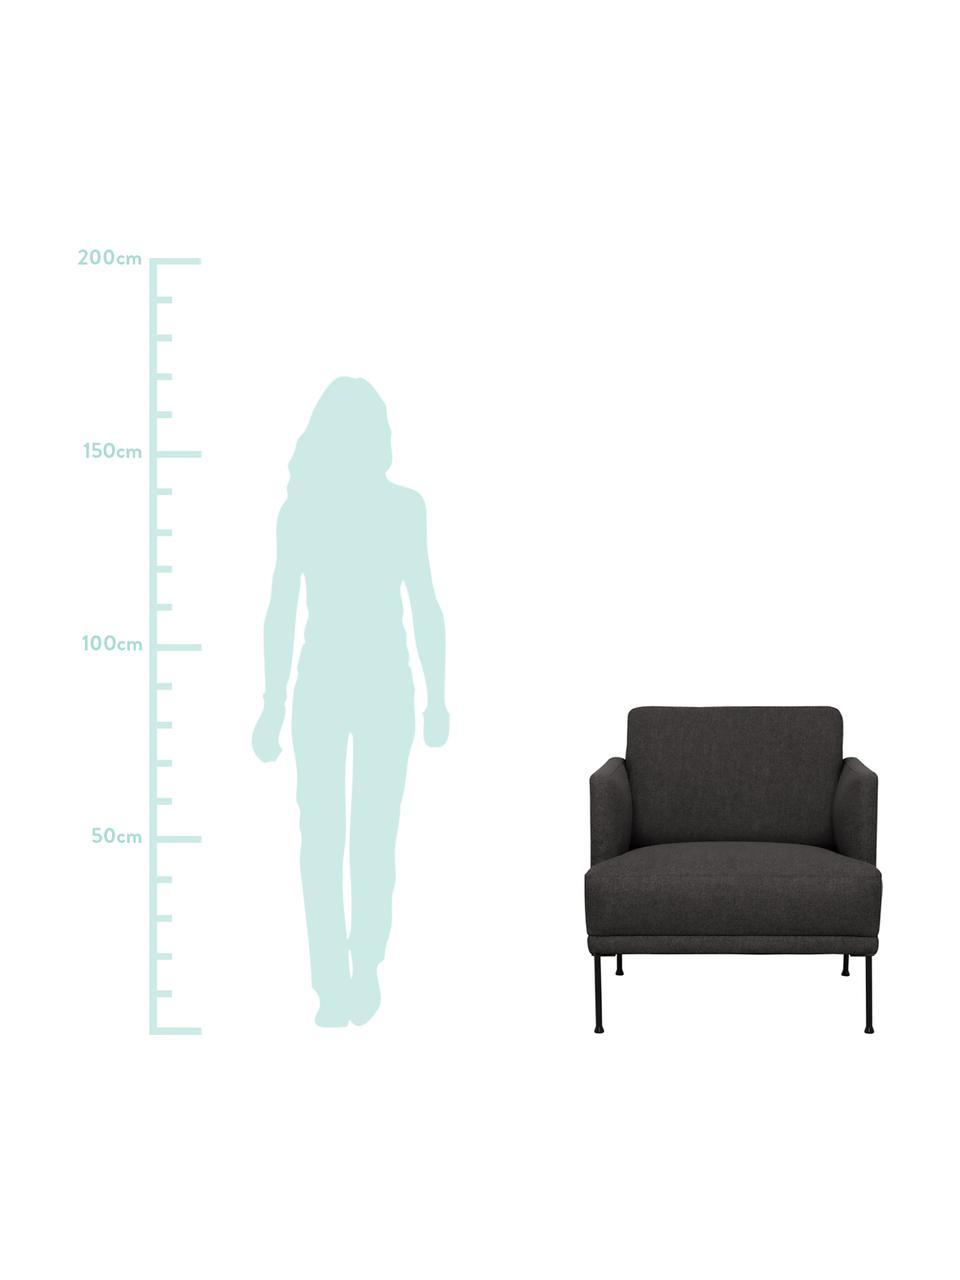 Sessel Fluente in Dunkelgrau mit Metall-Füßen, Bezug: 100% Polyester Der hochwe, Gestell: Massives Kiefernholz, Füße: Metall, pulverbeschichtet, Webstoff Dunkelgrau, B 74 x T 85 cm